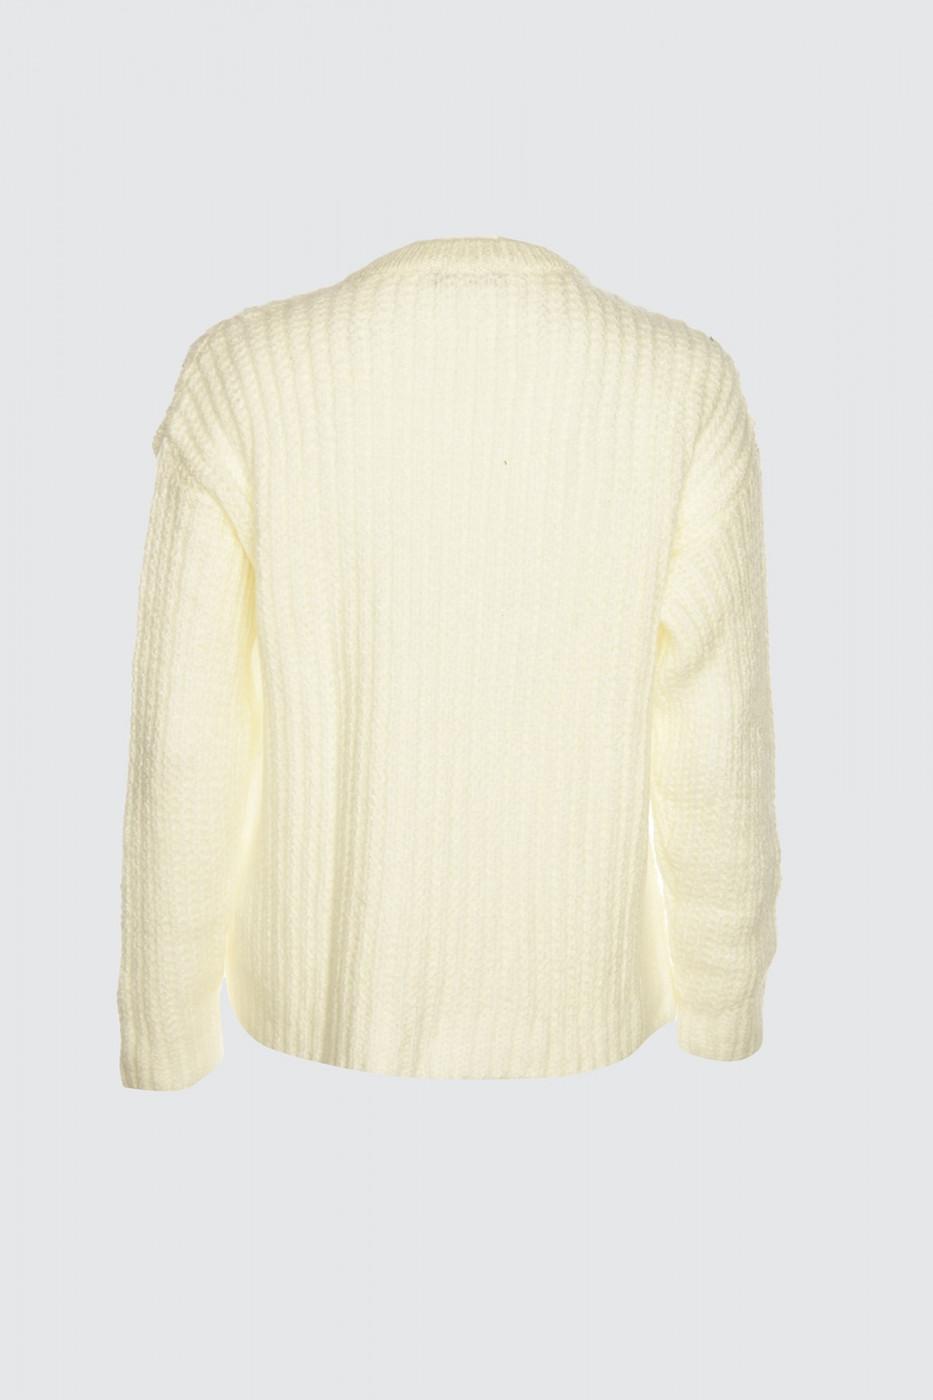 Trendyol Ekru Bicycle Collar Knitting Detailed Knitwear Sweater